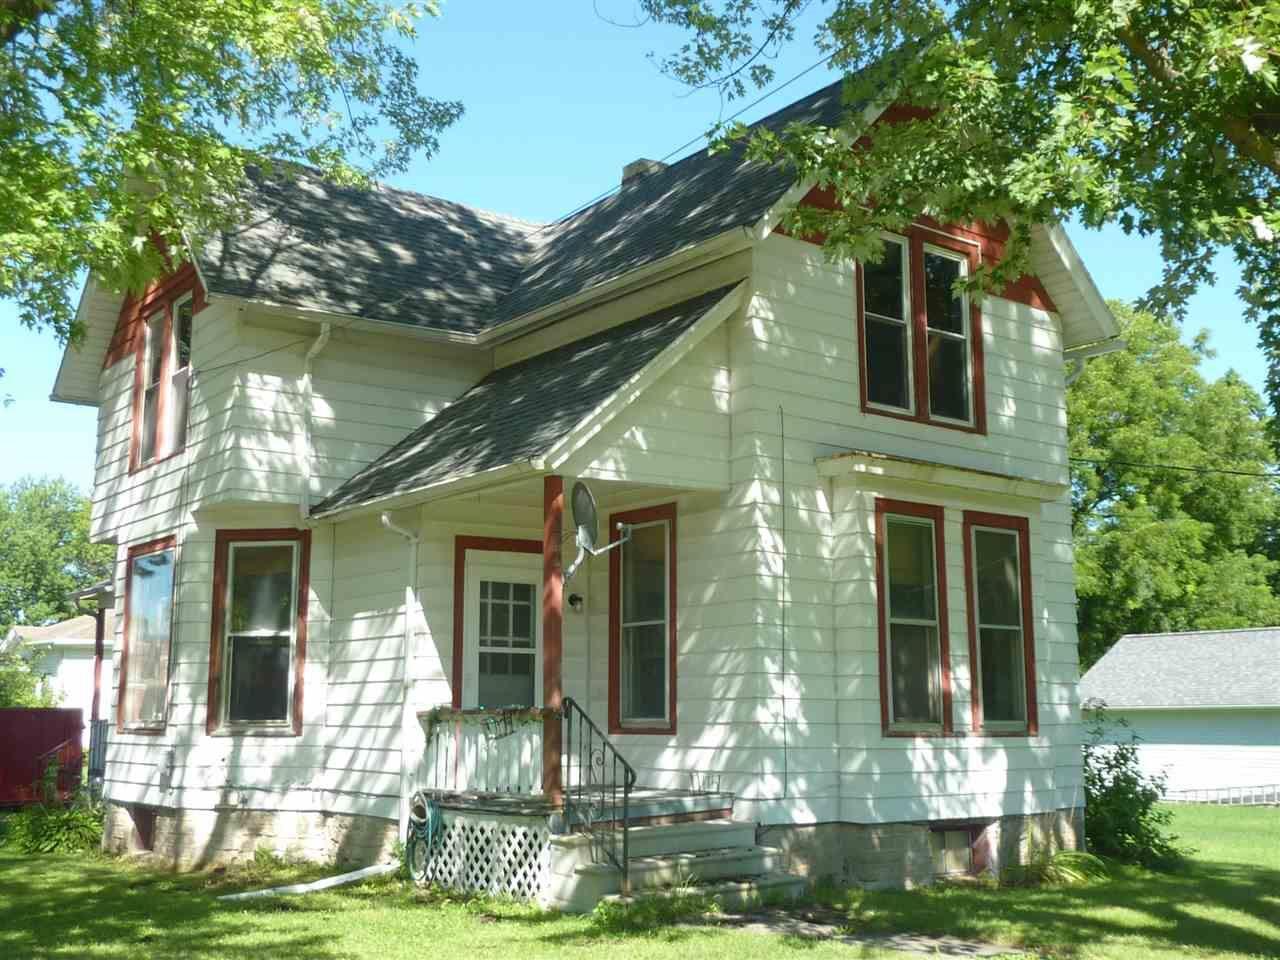 202 Fond du lac St, Waupun, WI 53963 - #: 1890920